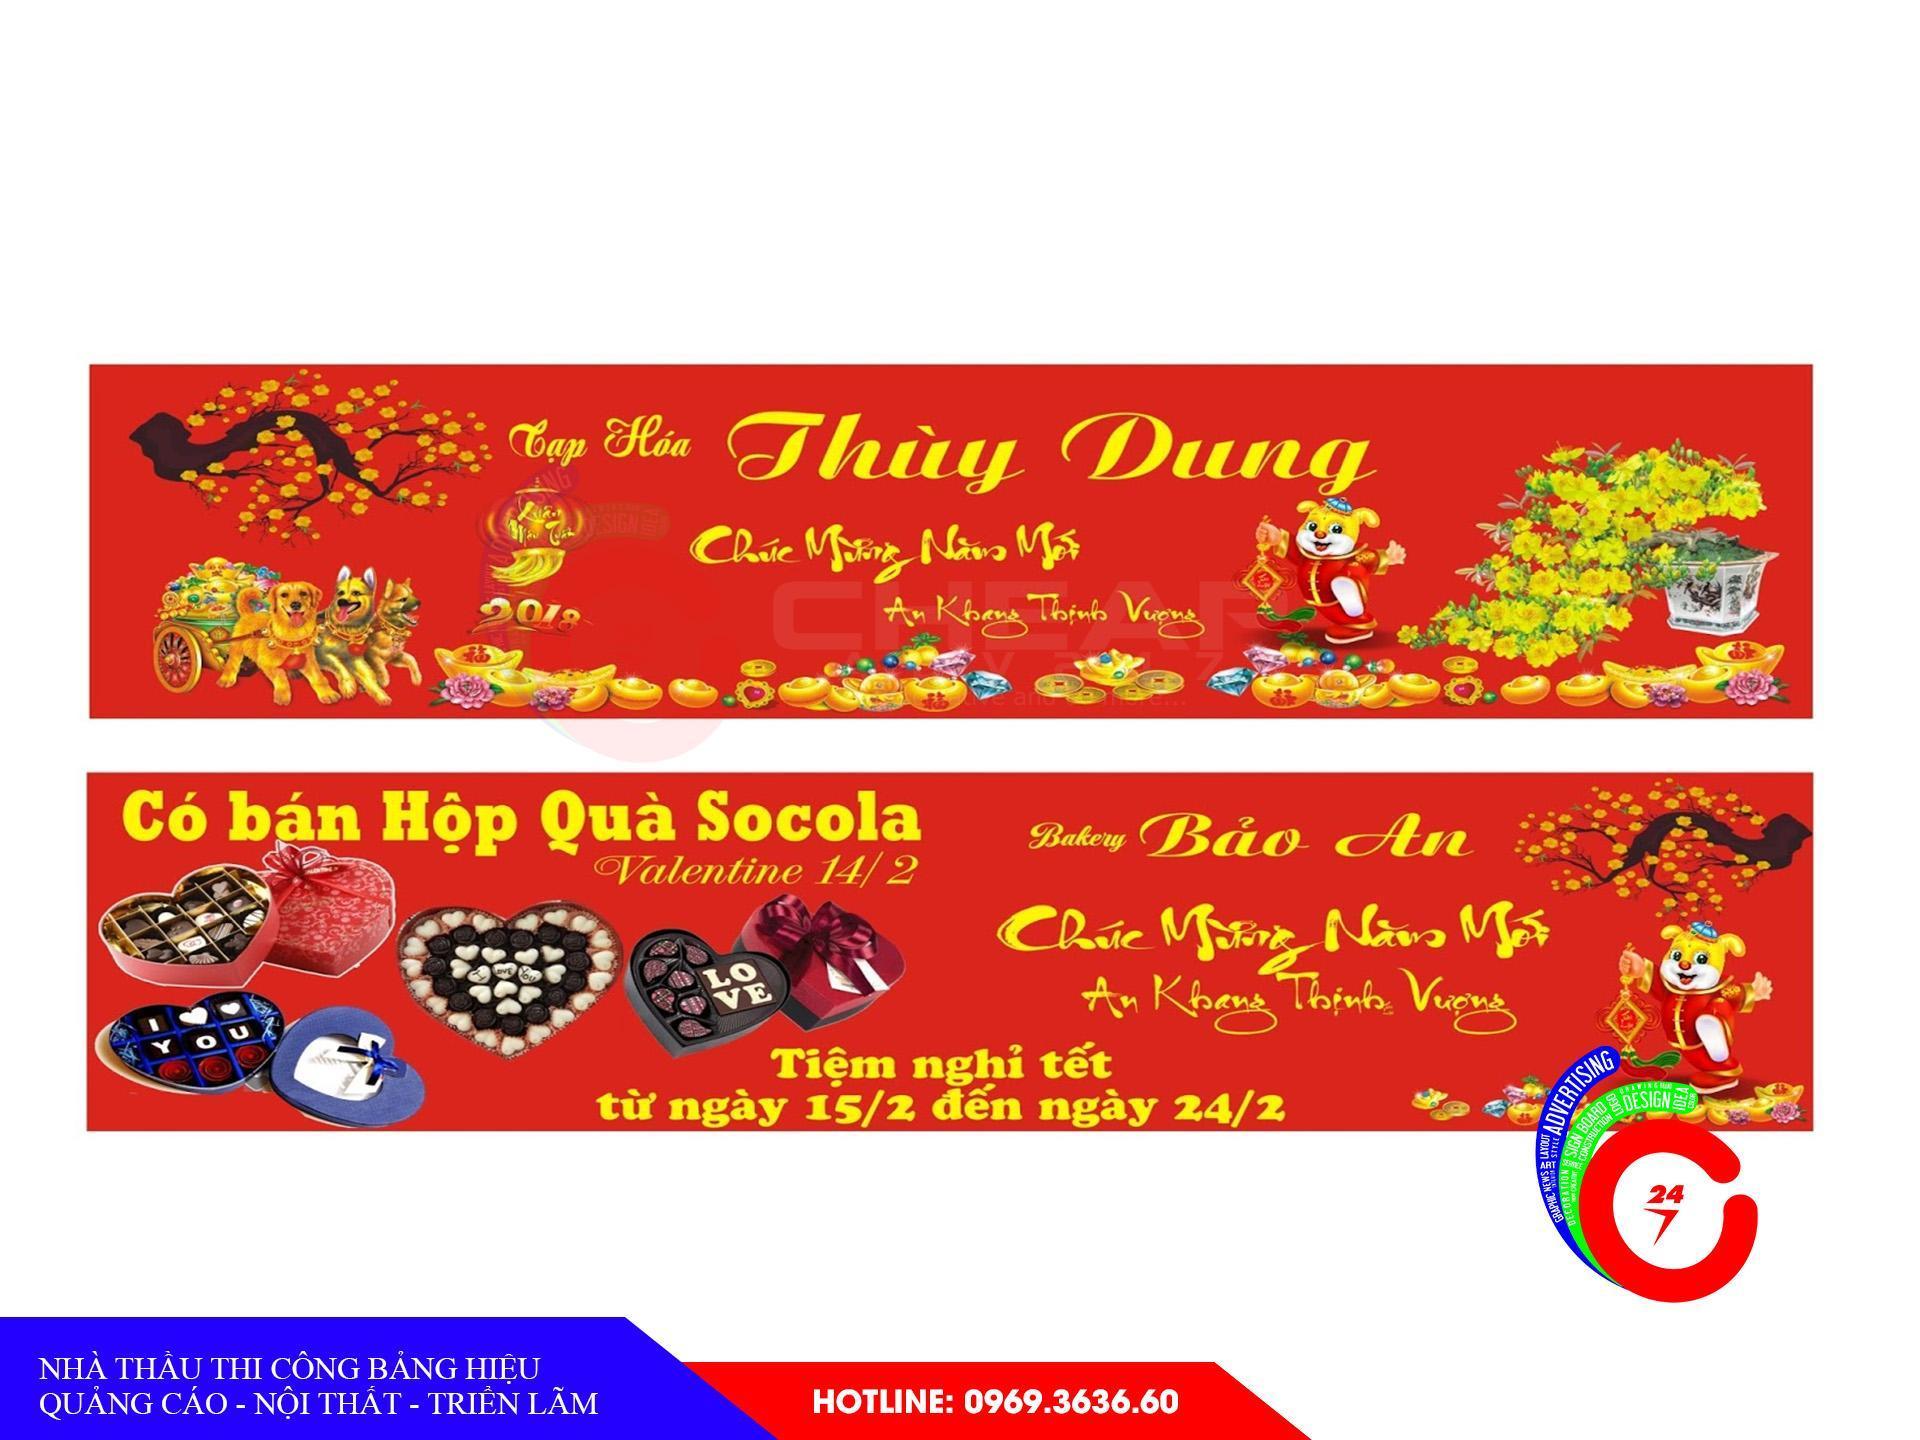 Mẫu băng rôn quảng cáo đẹp tại cheapadv247 - ảnh 8